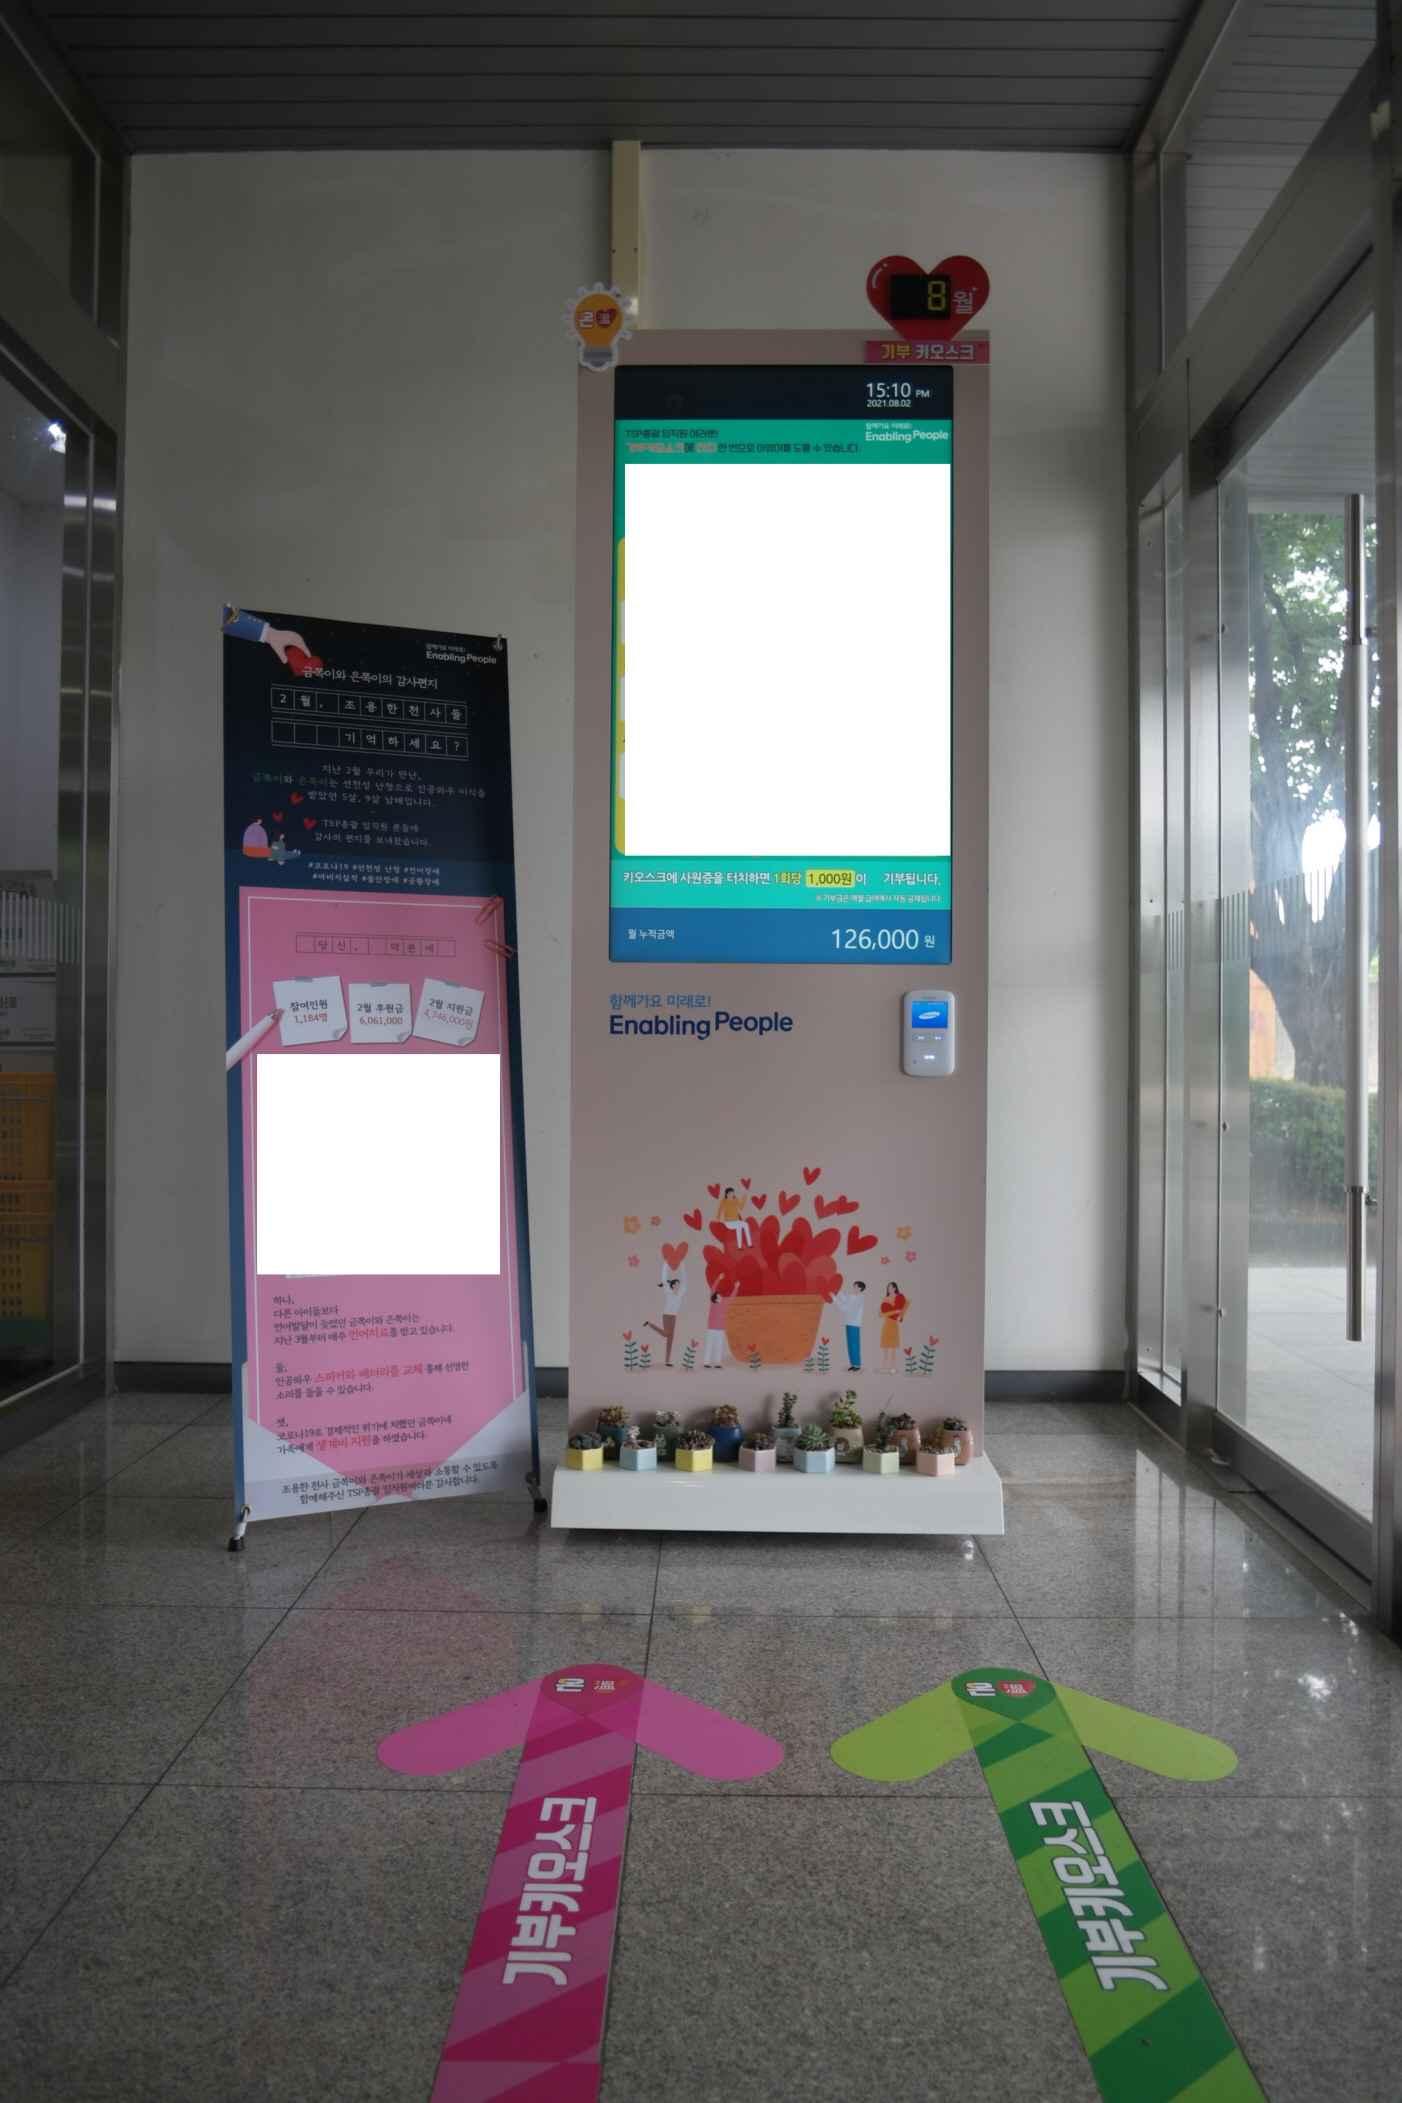 삼성전자-아산시-세이브더칠드런, '2021 상반기 키오스크 아동 지원'